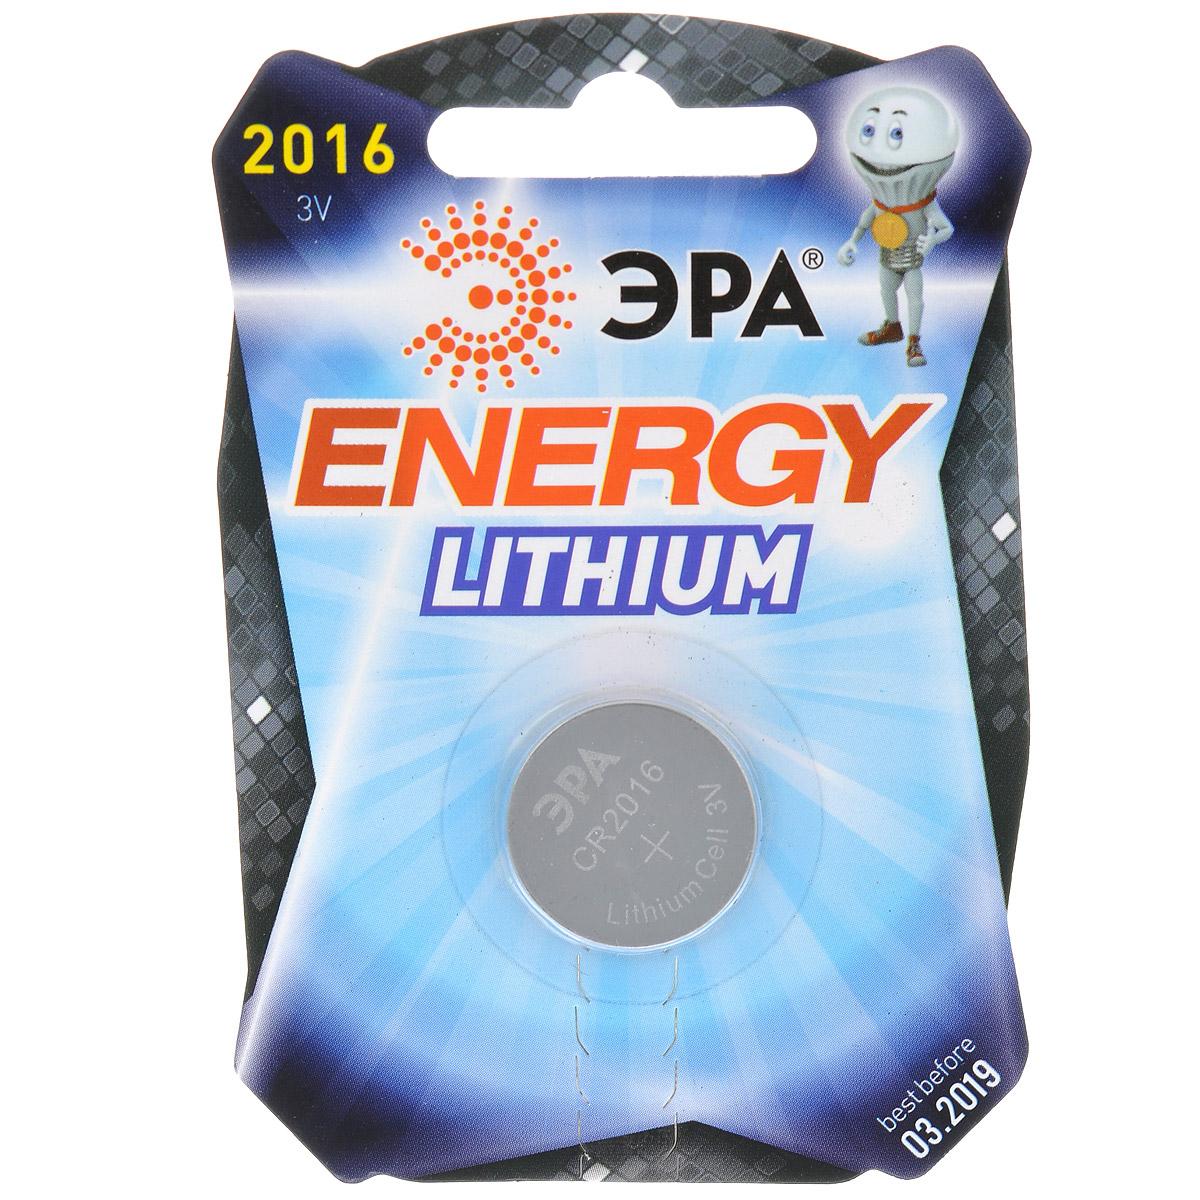 Батарейка литиевая ЭРА Energy, тип CR2016 (1BL), 3В37621Литиевые батарейки ЭРА Energy оптимально подходят для повседневного питания множества современных бытовых приборов: электронных игрушек, фонарей, беспроводной компьютерной периферии и многого другого. Батарейки созданы для устройств с высоким потреблением энергии. Работают в 10 раз дольше, чем обычные солевые элементы питания. Диаметр батарейки: 1,9 см.Уважаемые клиенты!Обращаем ваше внимание на возможные изменения в дизайне упаковки. Качественные характеристики товара остаются неизменными. Поставка осуществляется в зависимости от наличия на складе.